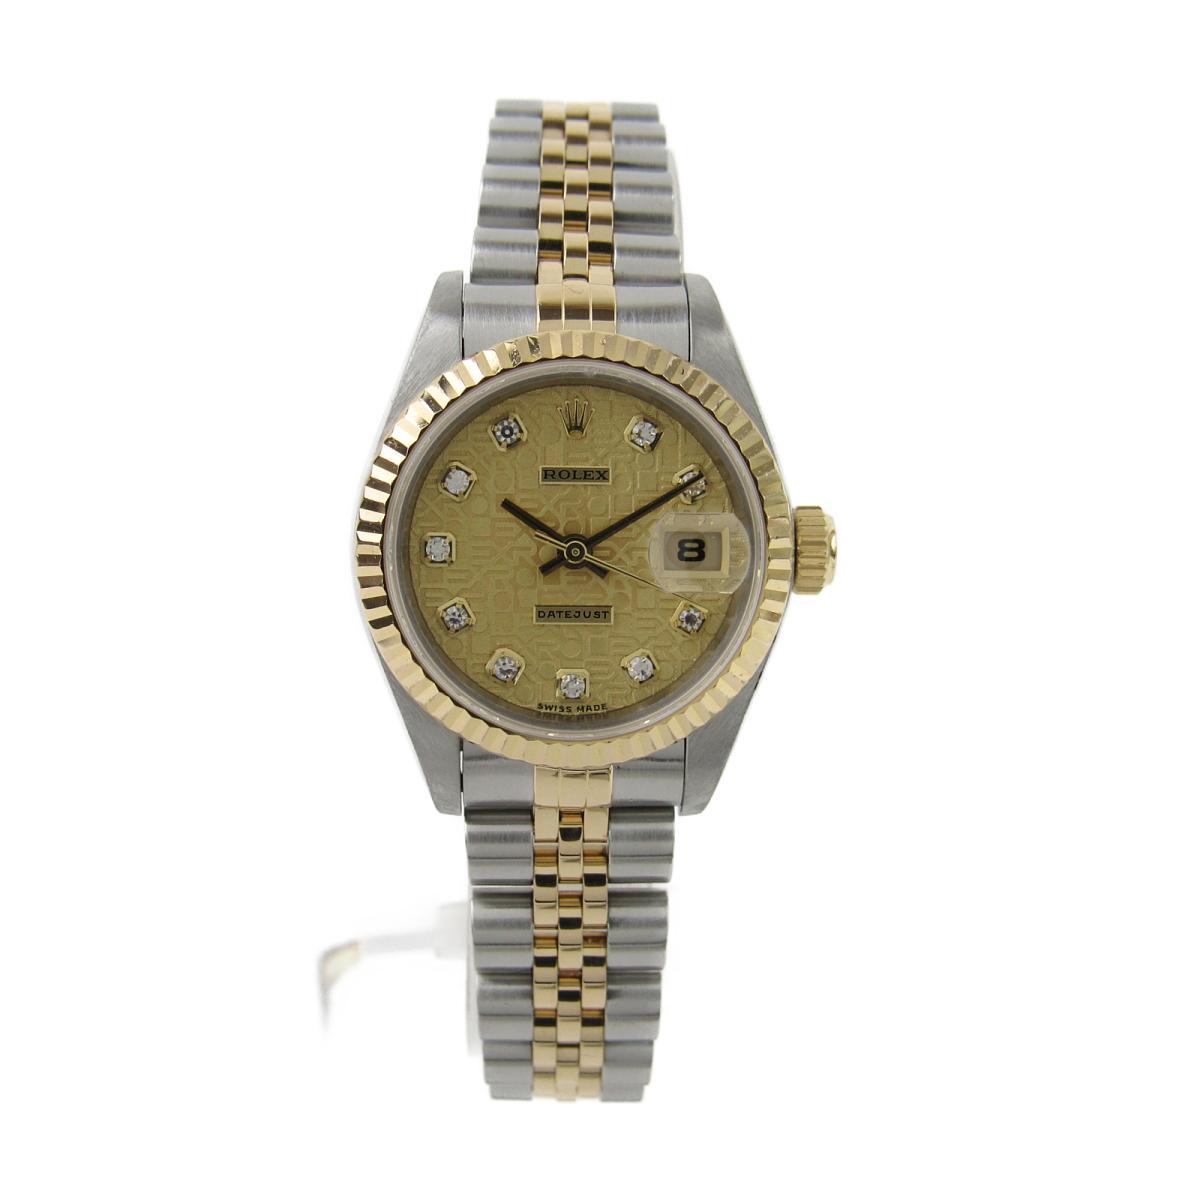 ROLEX 時計 69173G W番 デイトジャスト 10Pダイヤ /腕時計/レディース